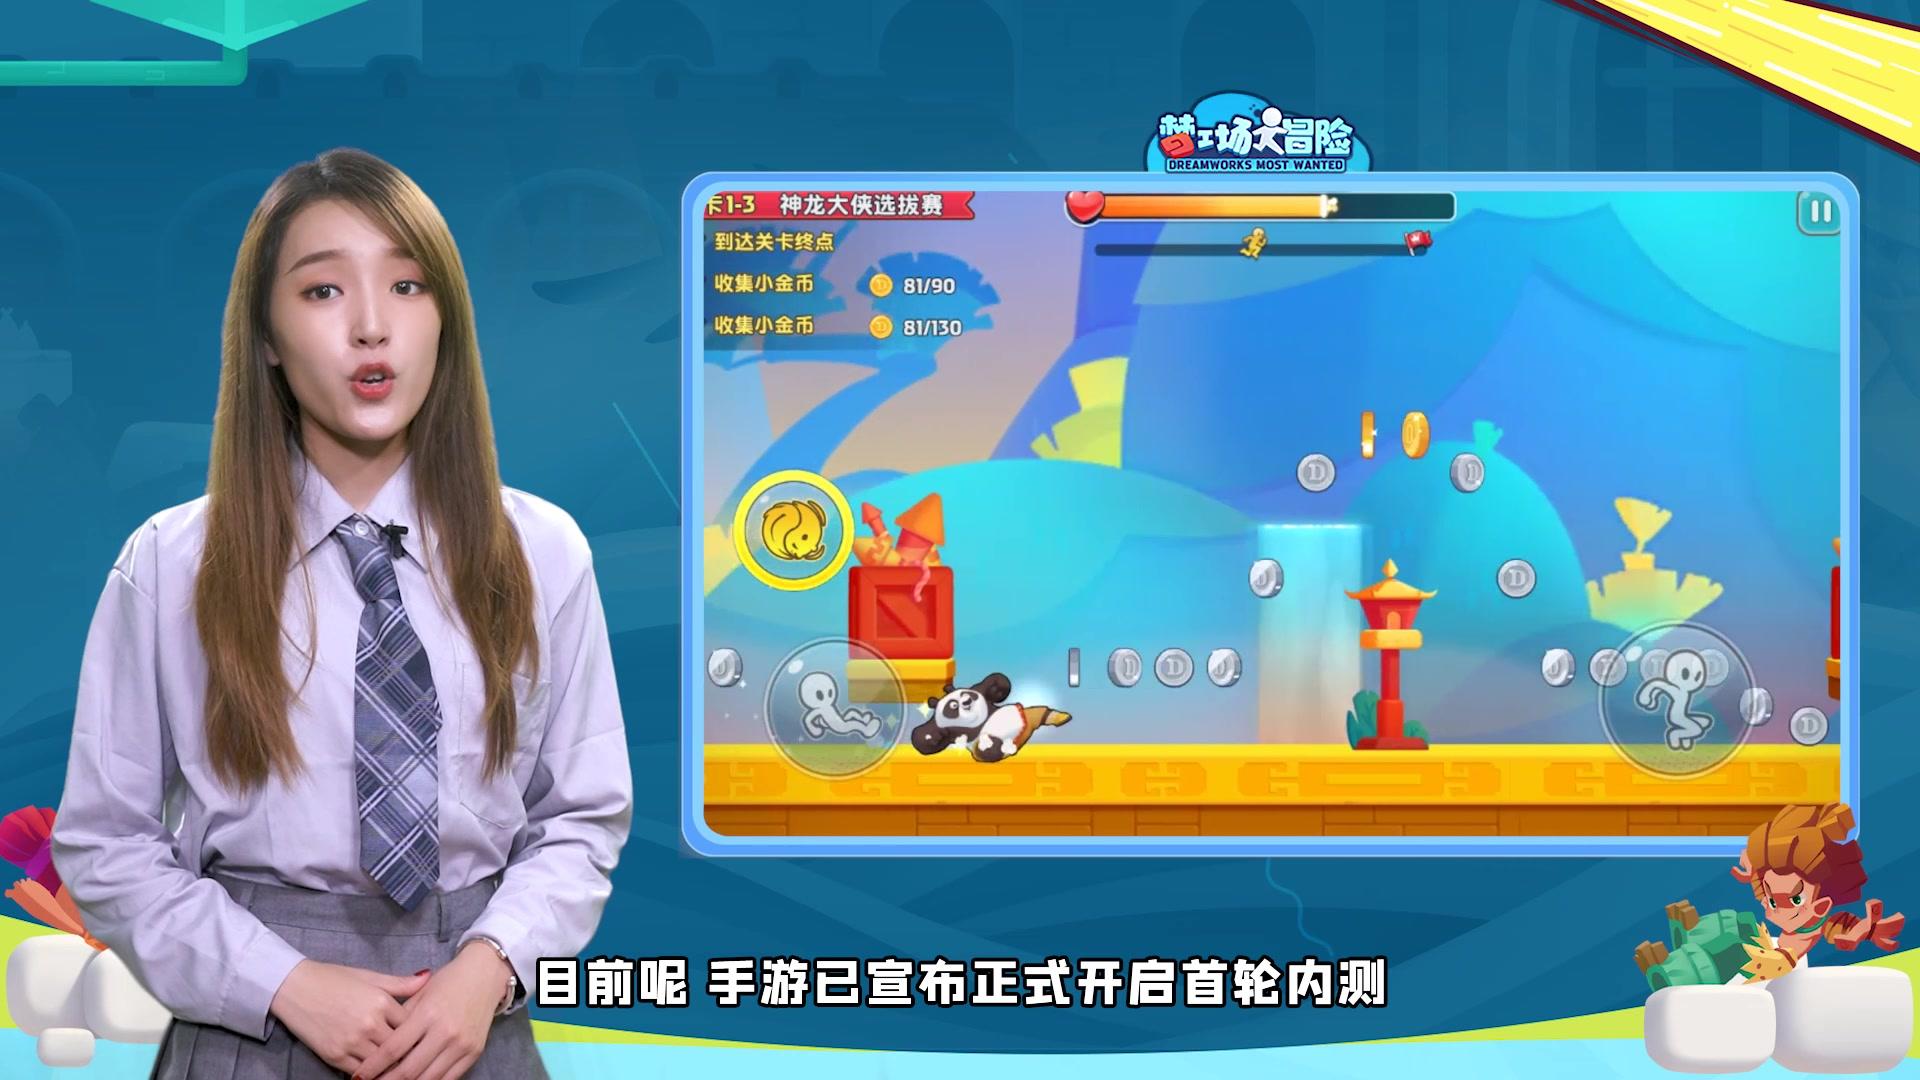 新游尝鲜坊:《梦工场大冒险》颠覆跑酷游戏认知